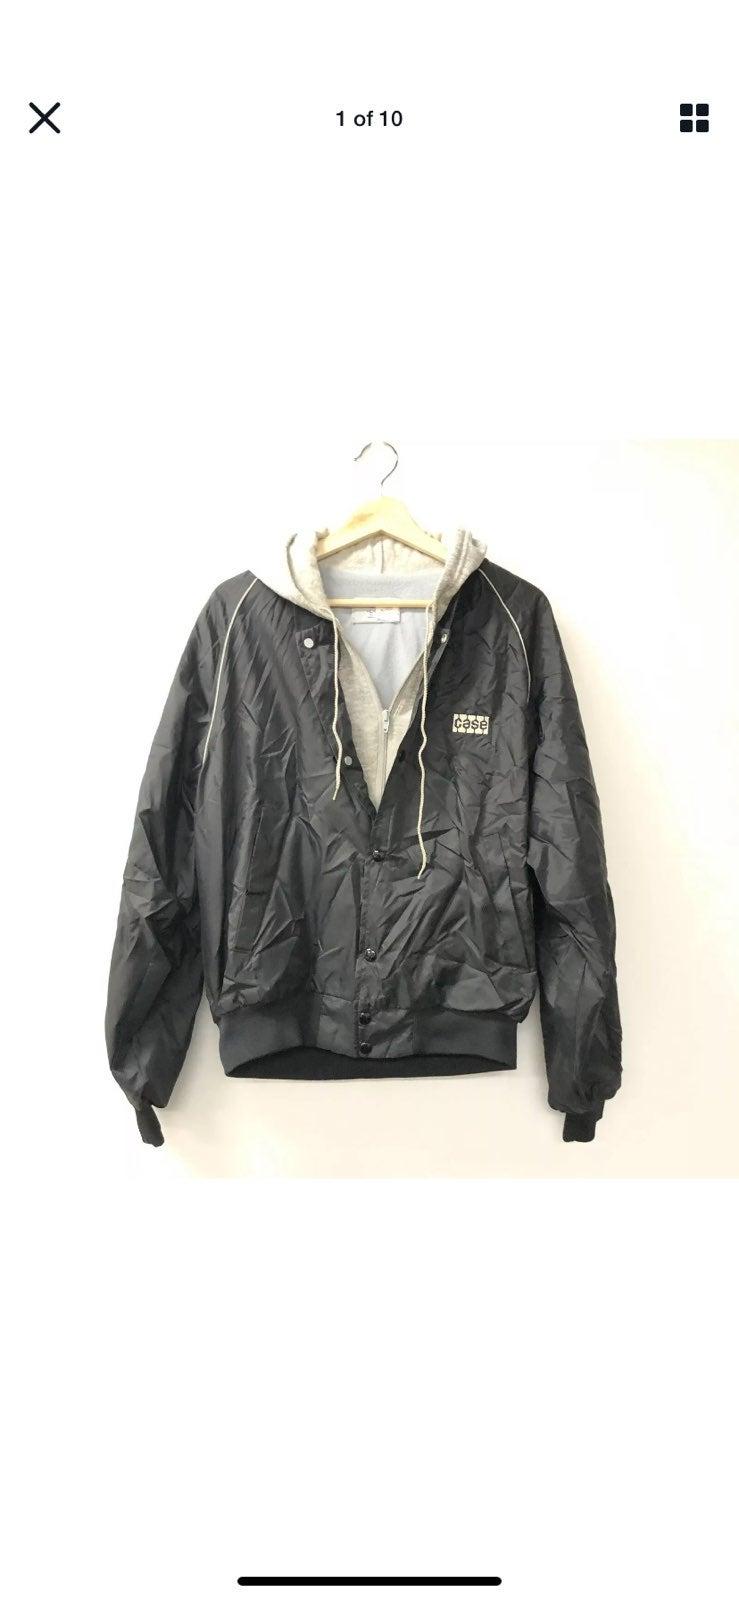 Vintage swingster hooded bomber jacket